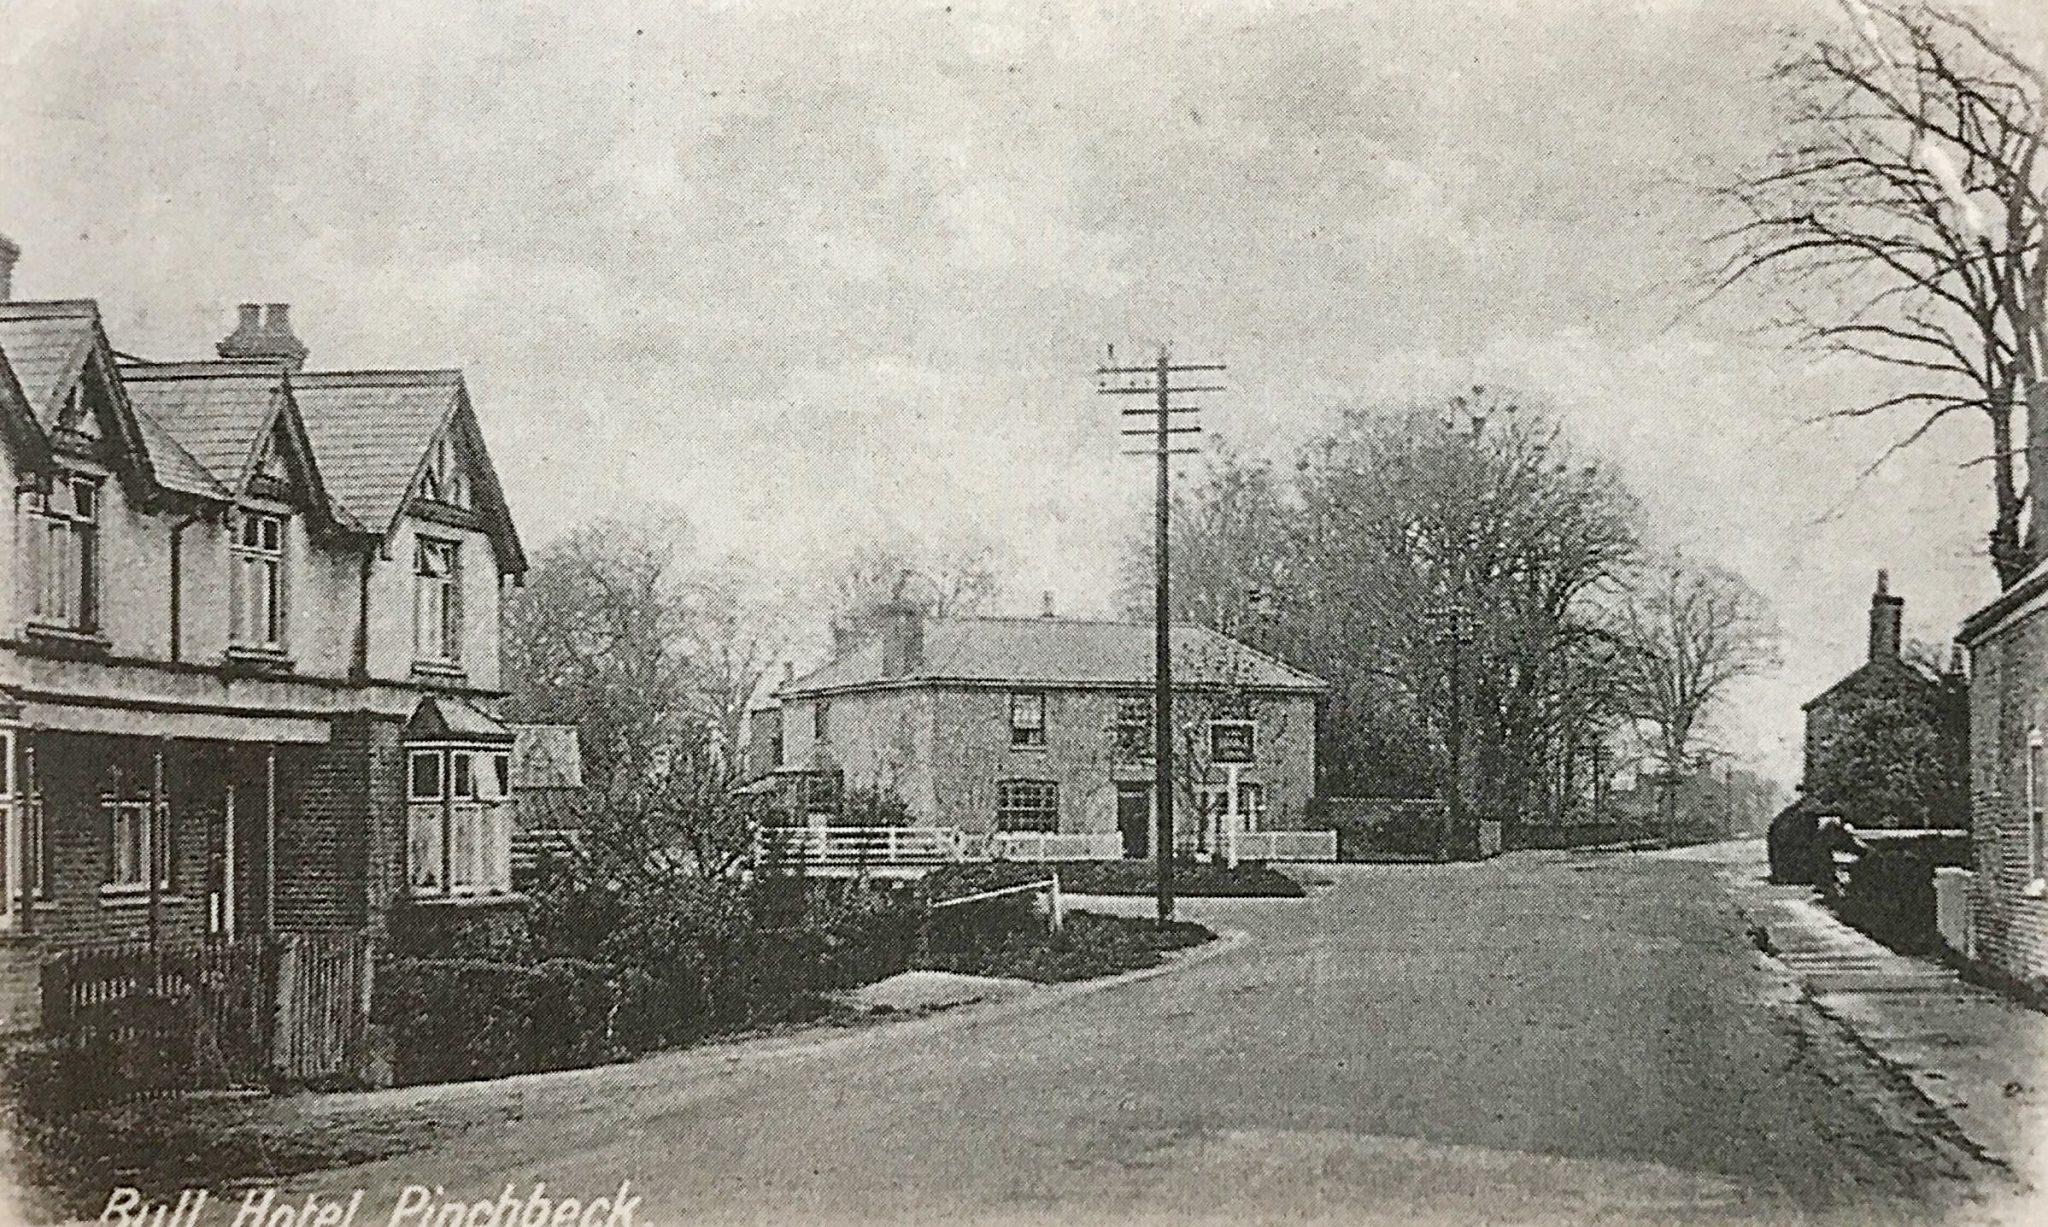 Bull Hotel (now the Bull Inn) Pinchbeck